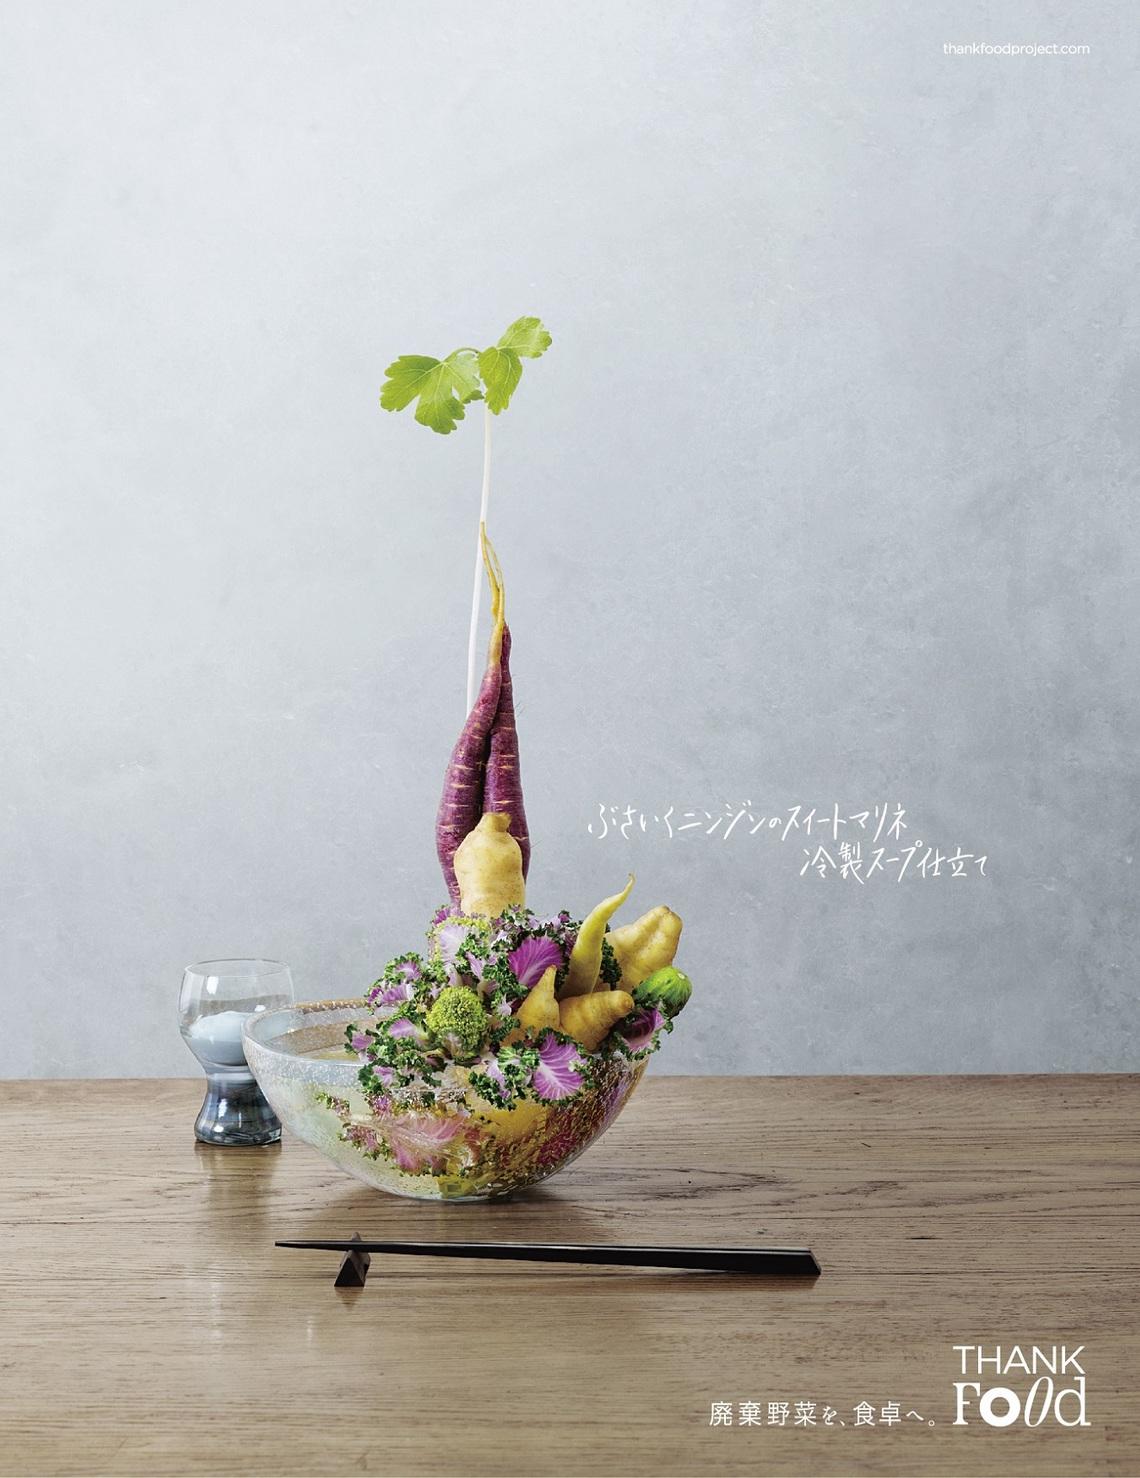 【雑誌部門グランプリ】木楽舎「ブサイク野菜の美しい季節料理」